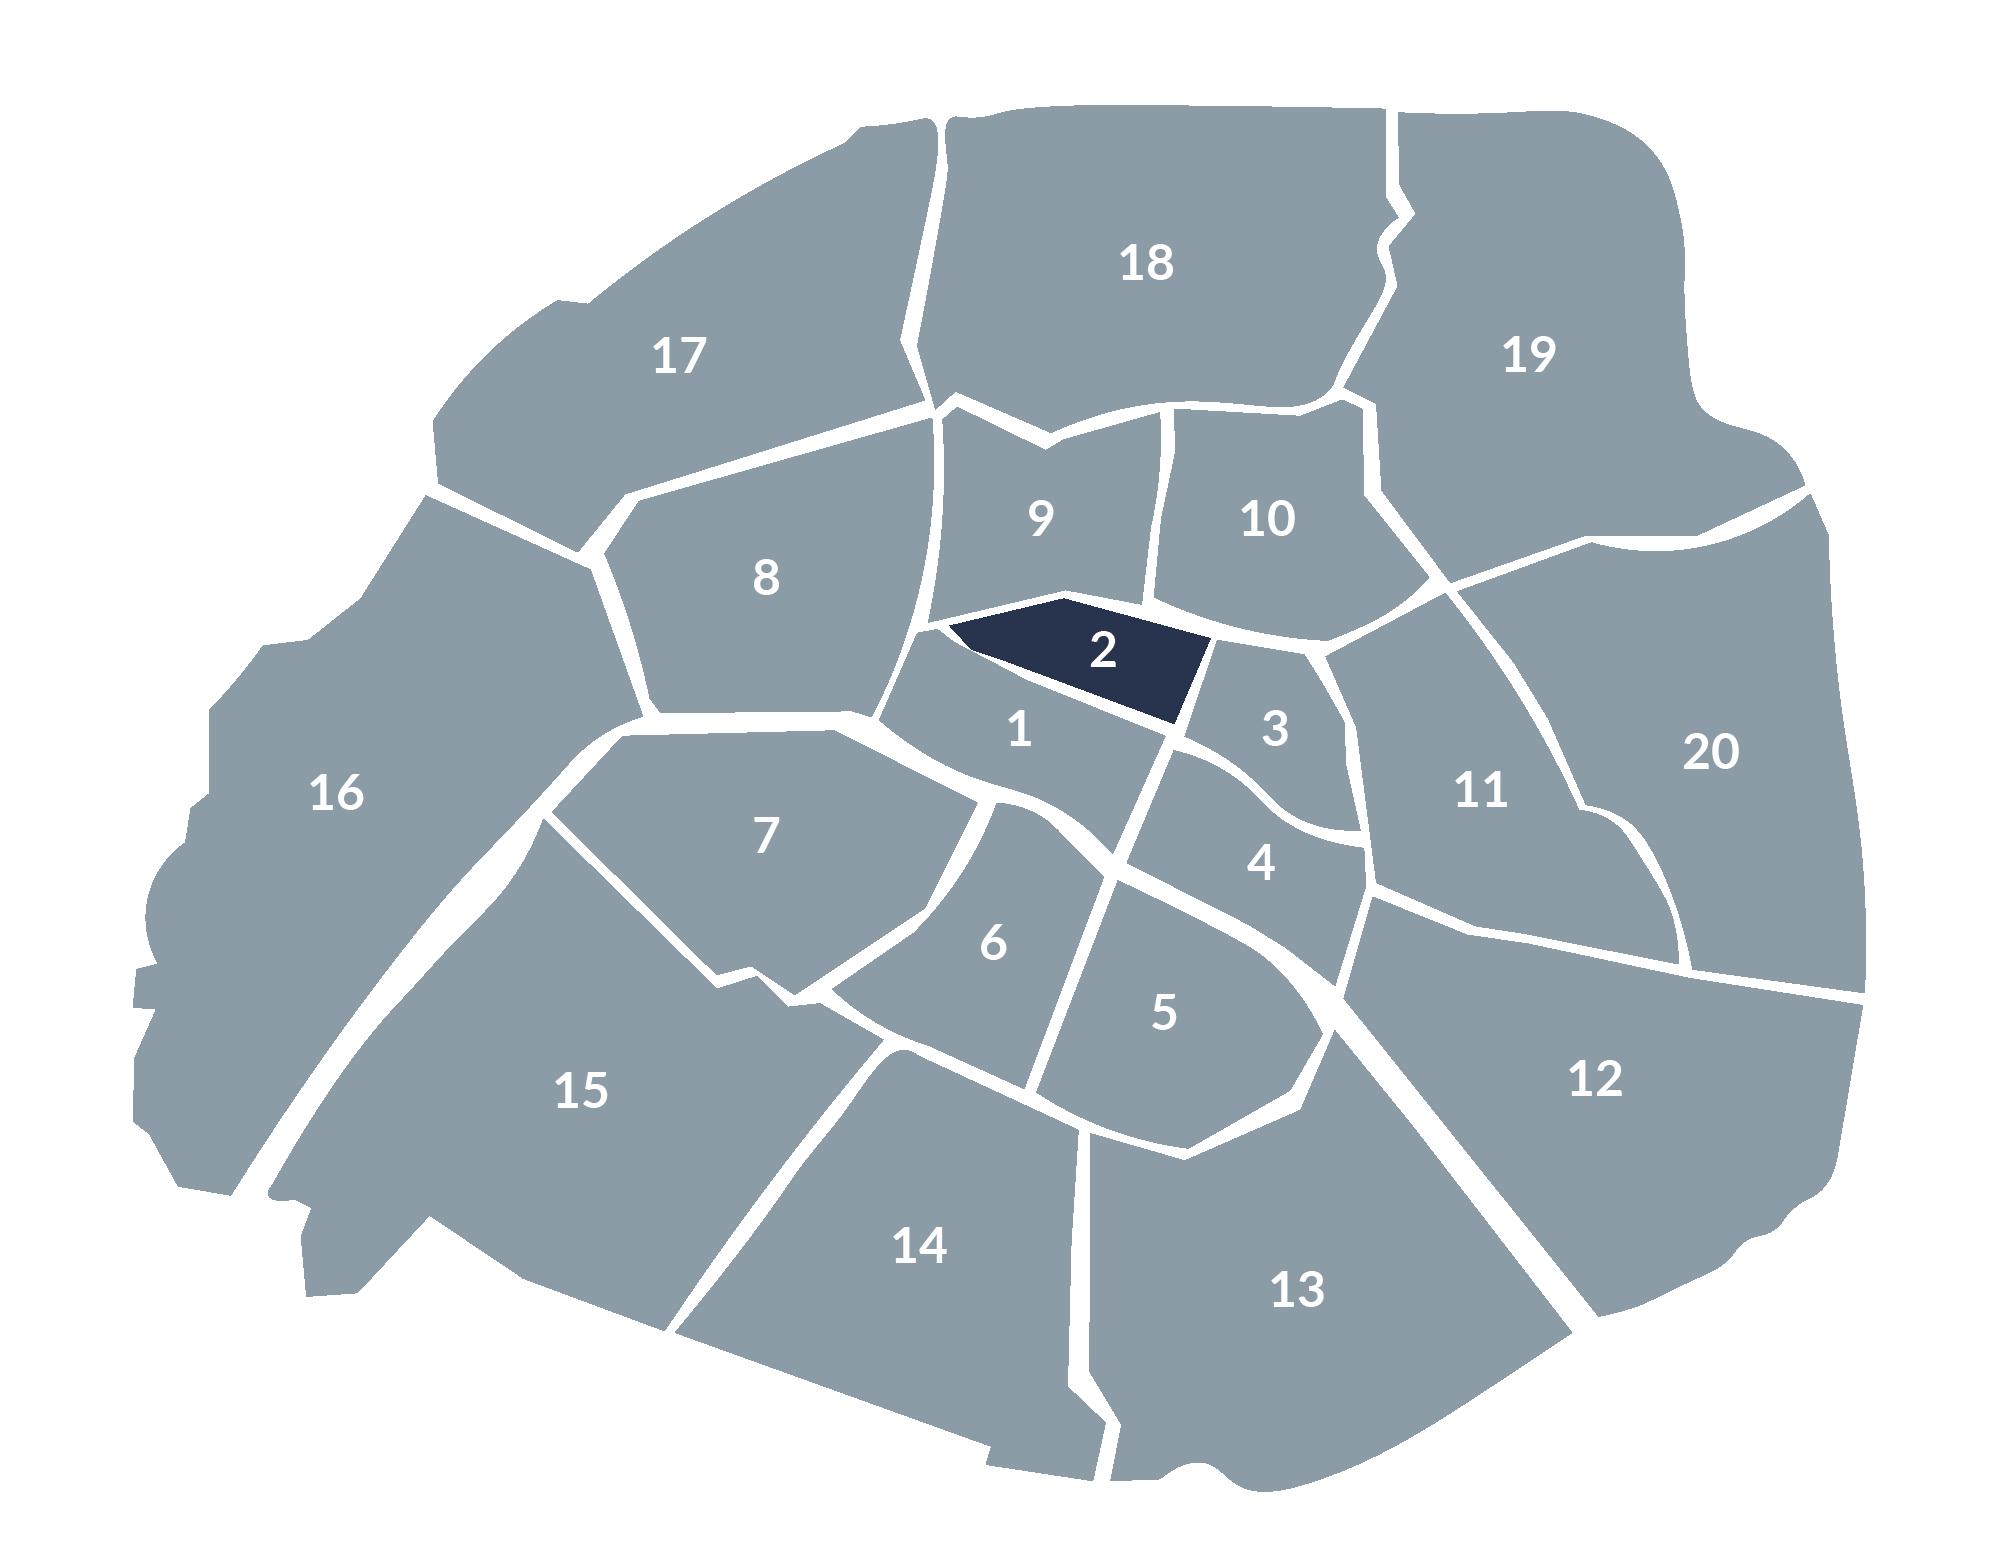 carte paris 2e arrondissement